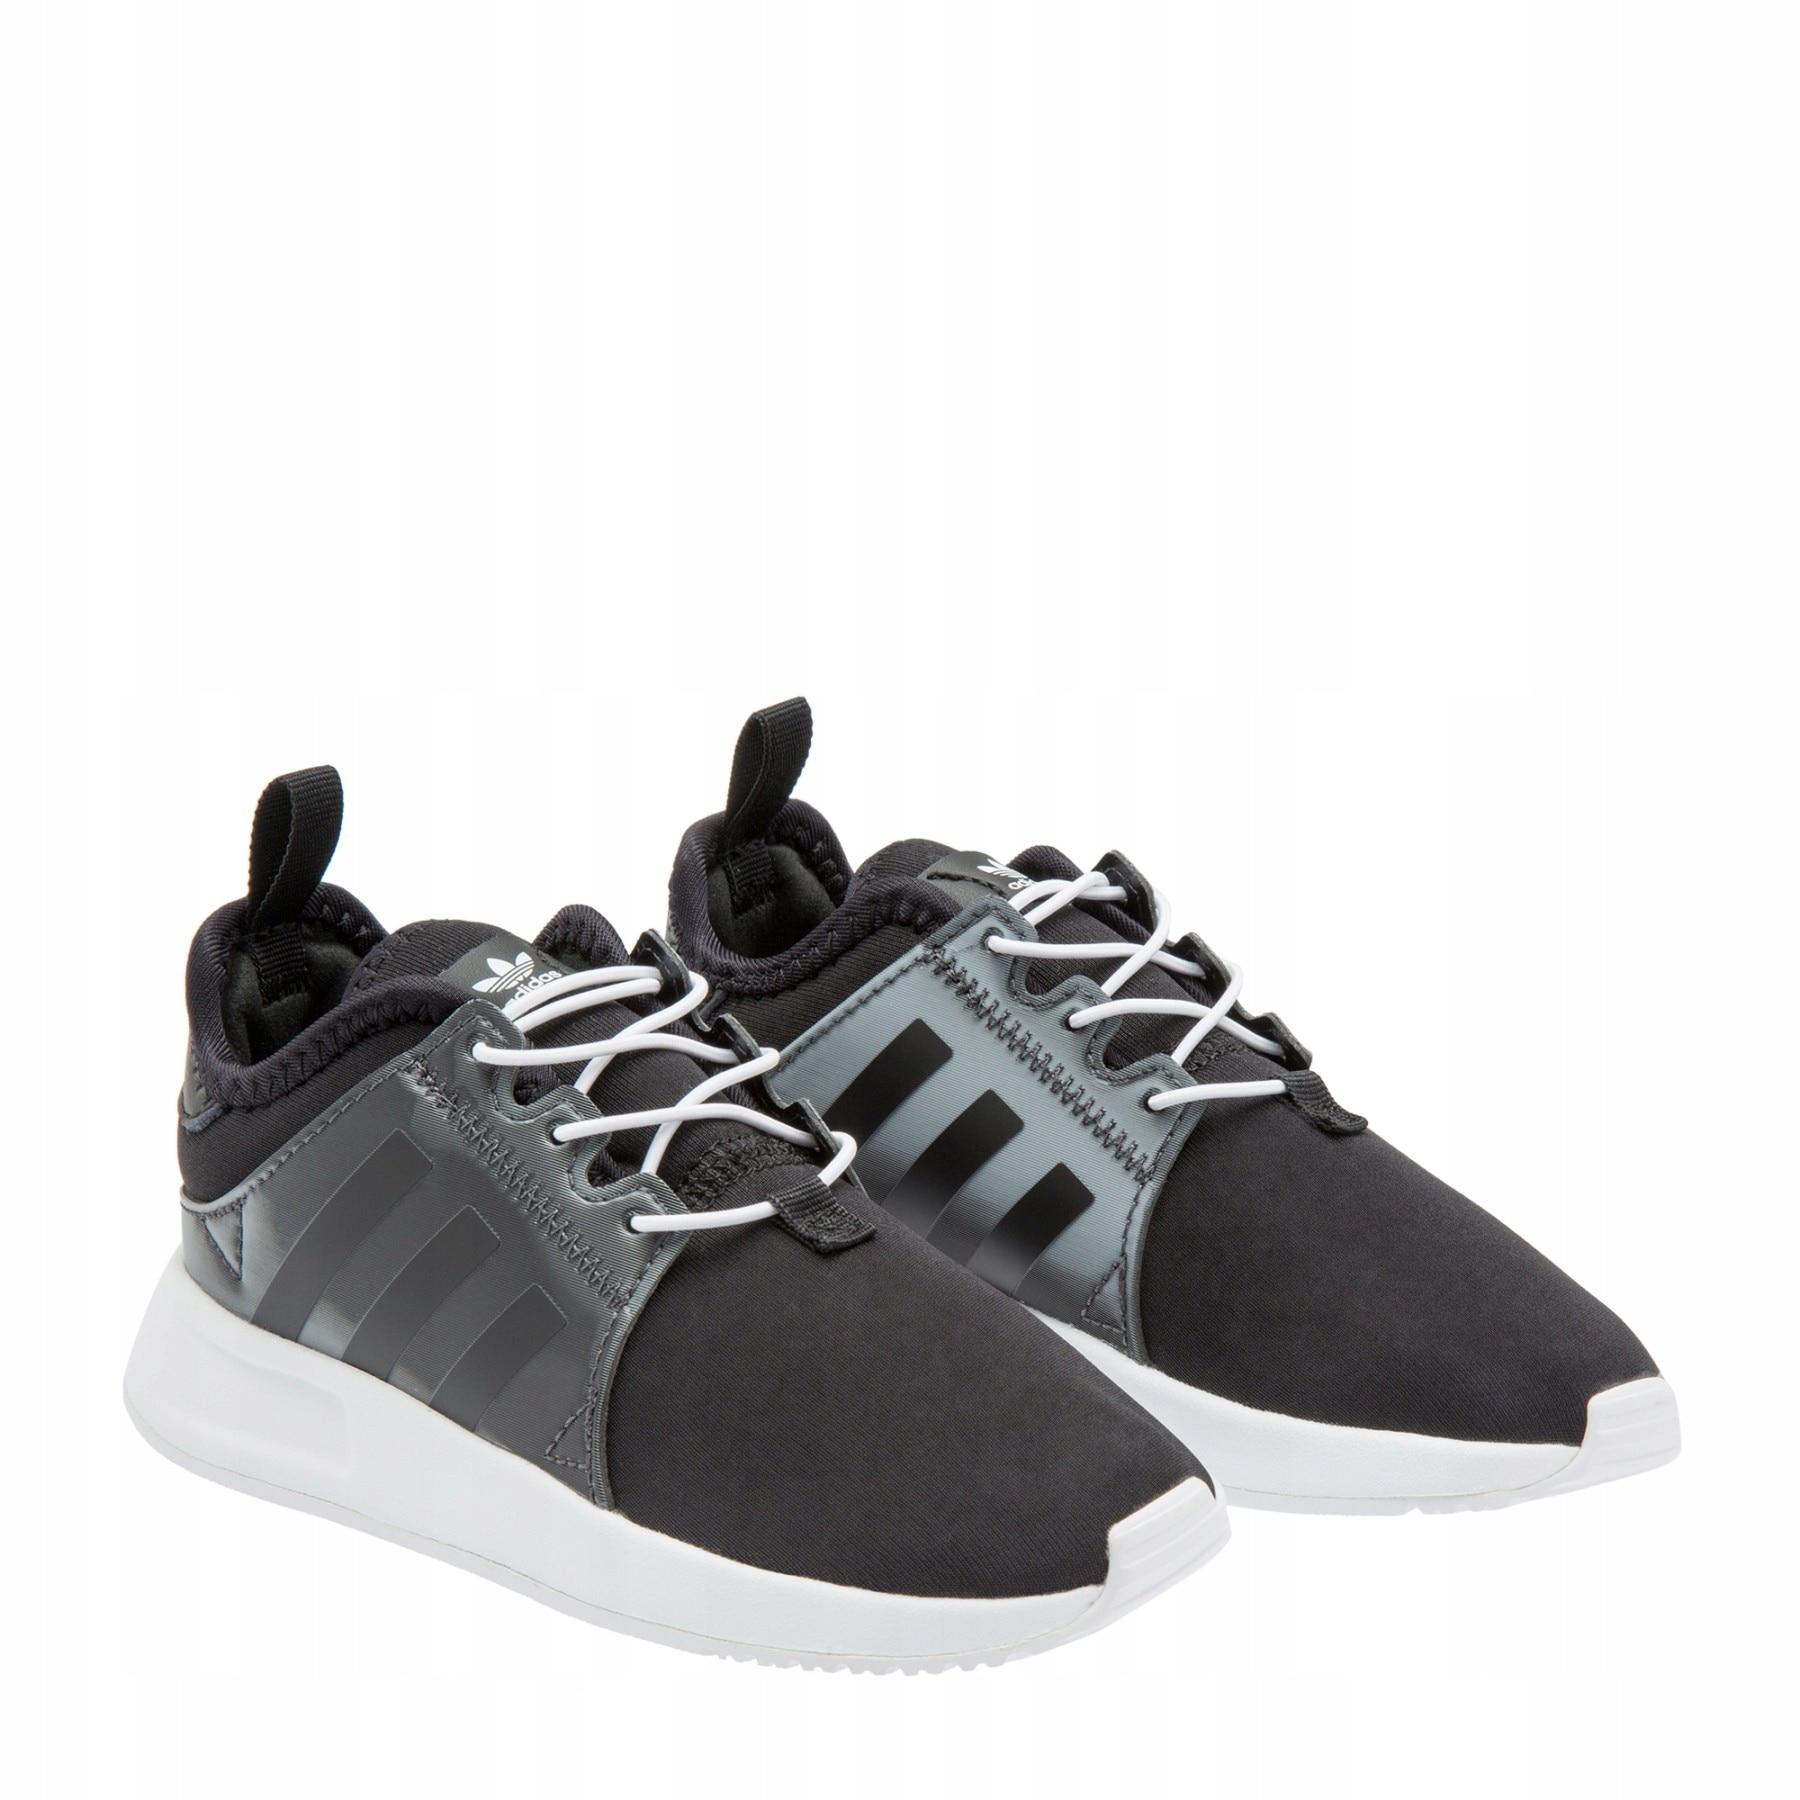 Buty Dziecięce Adidas Originals X Plr Bb2496 27